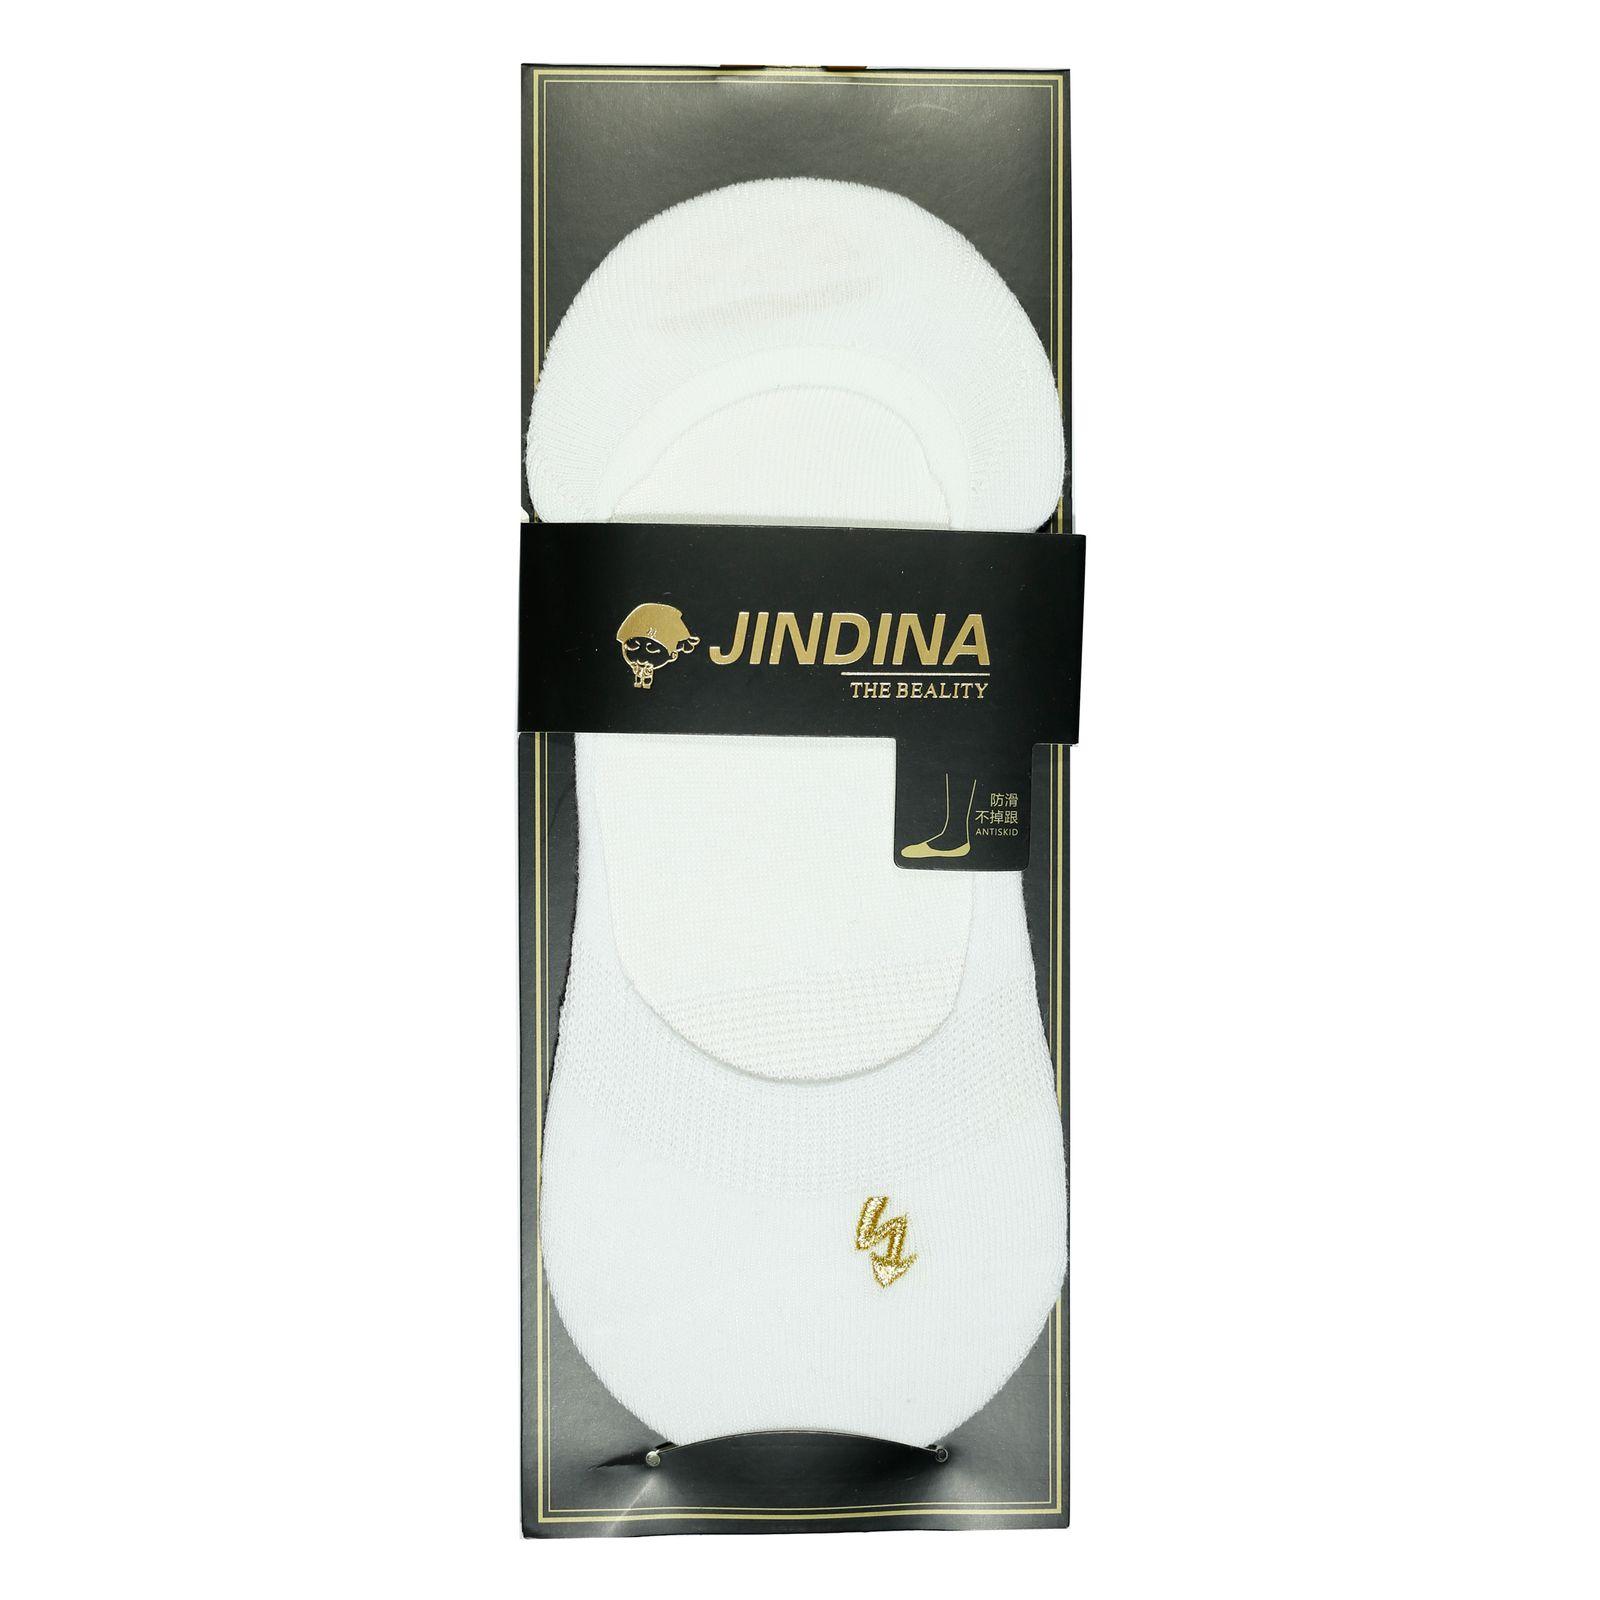 جوراب مردانه جین دینا کد RG-CK 113 -  - 3